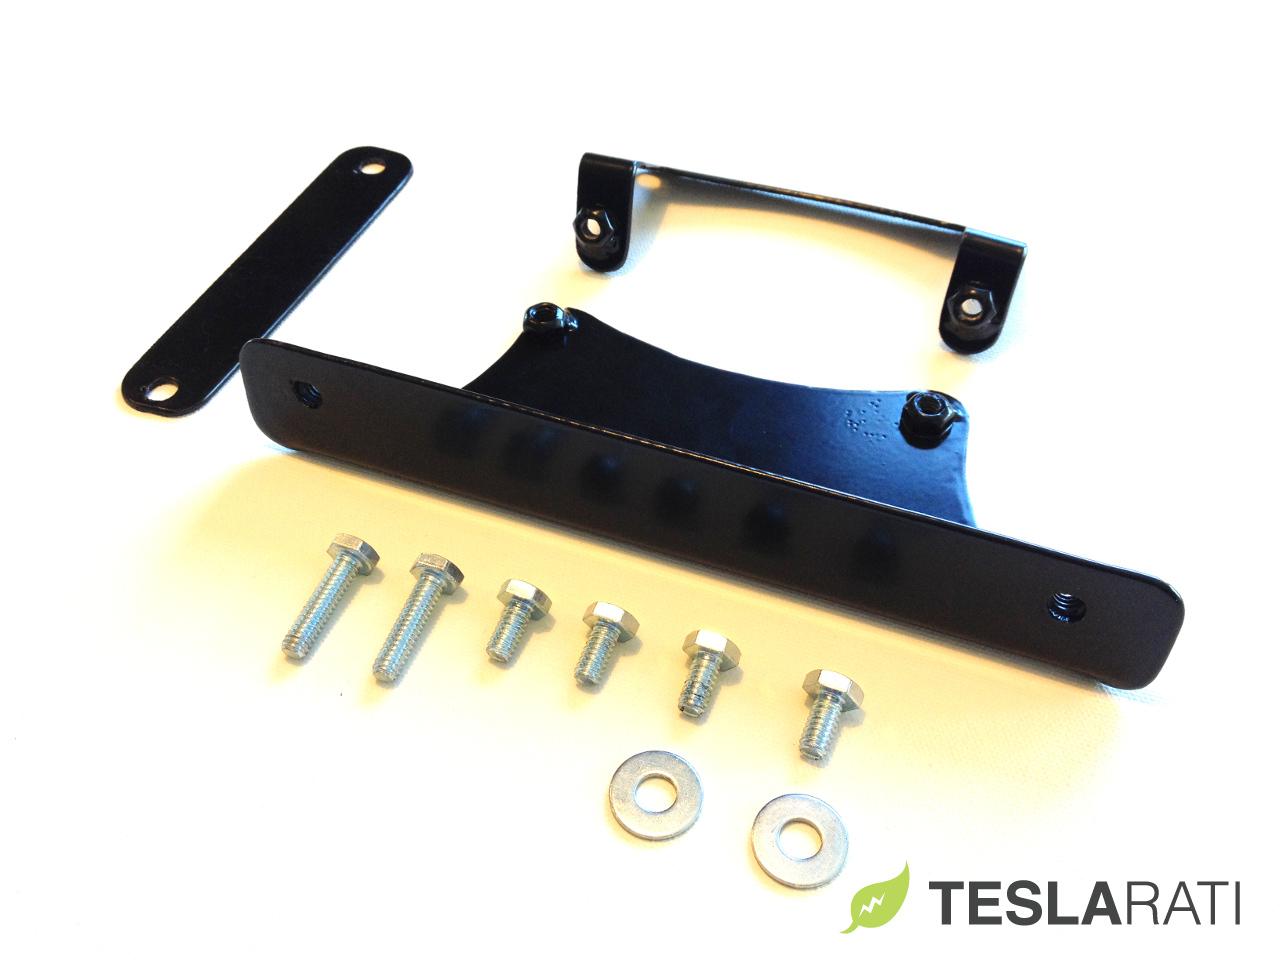 Torklift-Font-Plate-Bracket-Parts-Overview